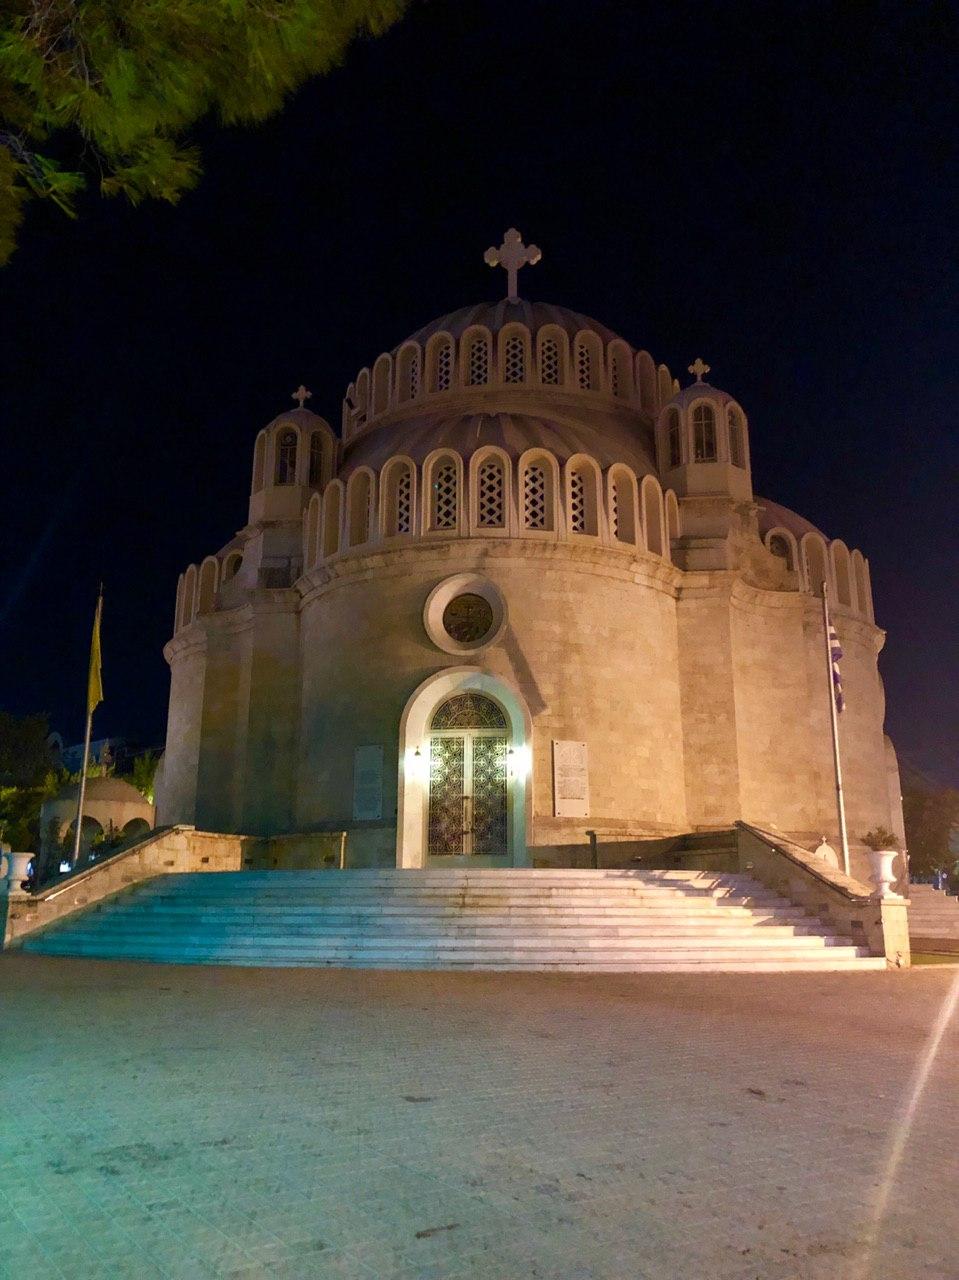 کلیسای اورتودکس کانستانتین وهلن